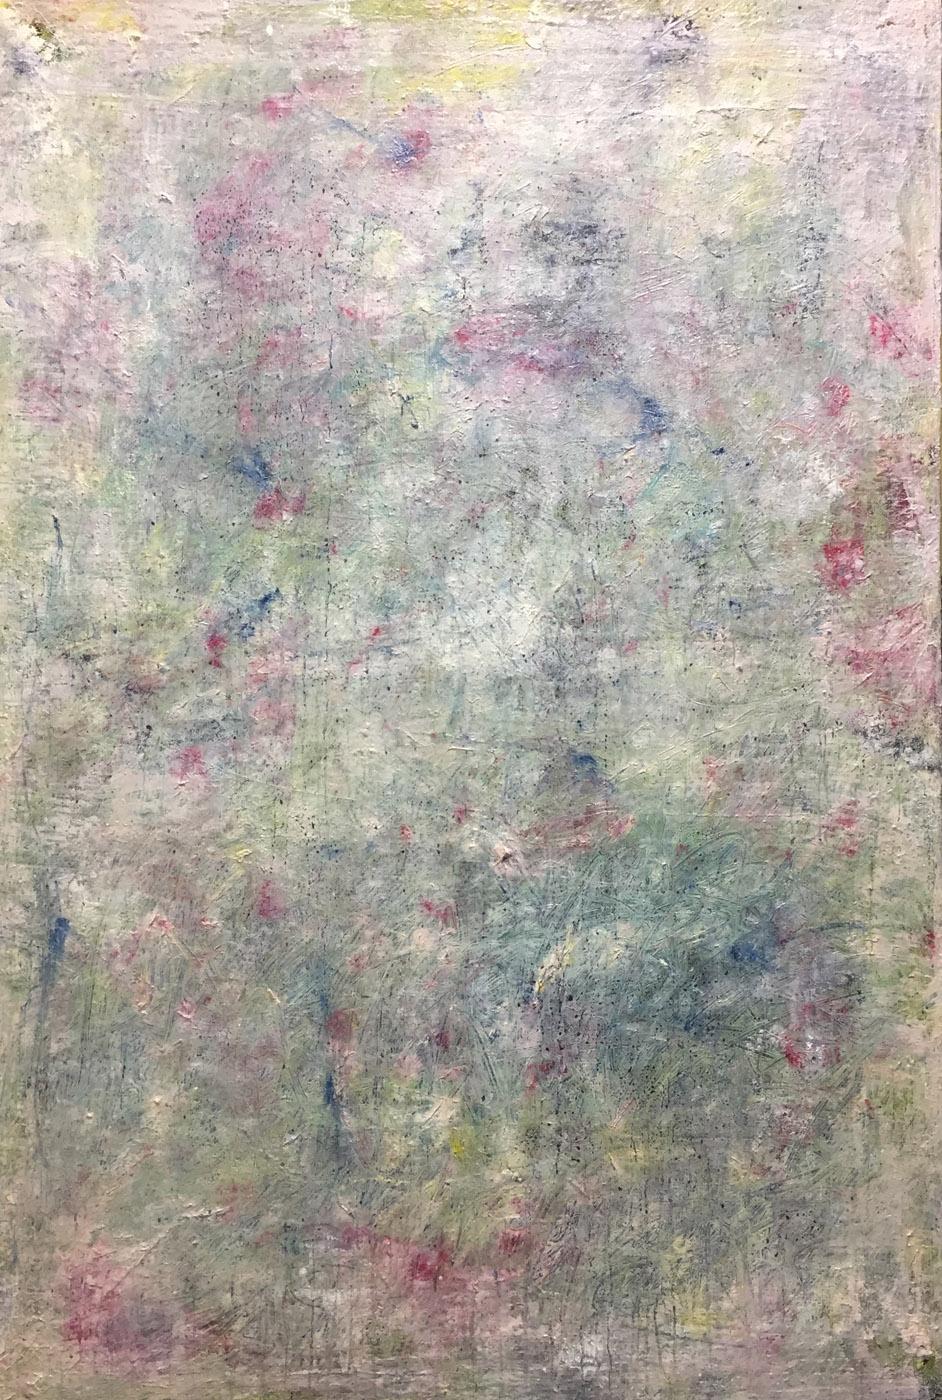 MARC FELD 2019 TRACES OF JOHN 1 Huile, pigmnent, acrylique et gouache sur toile 89 x 130 cm